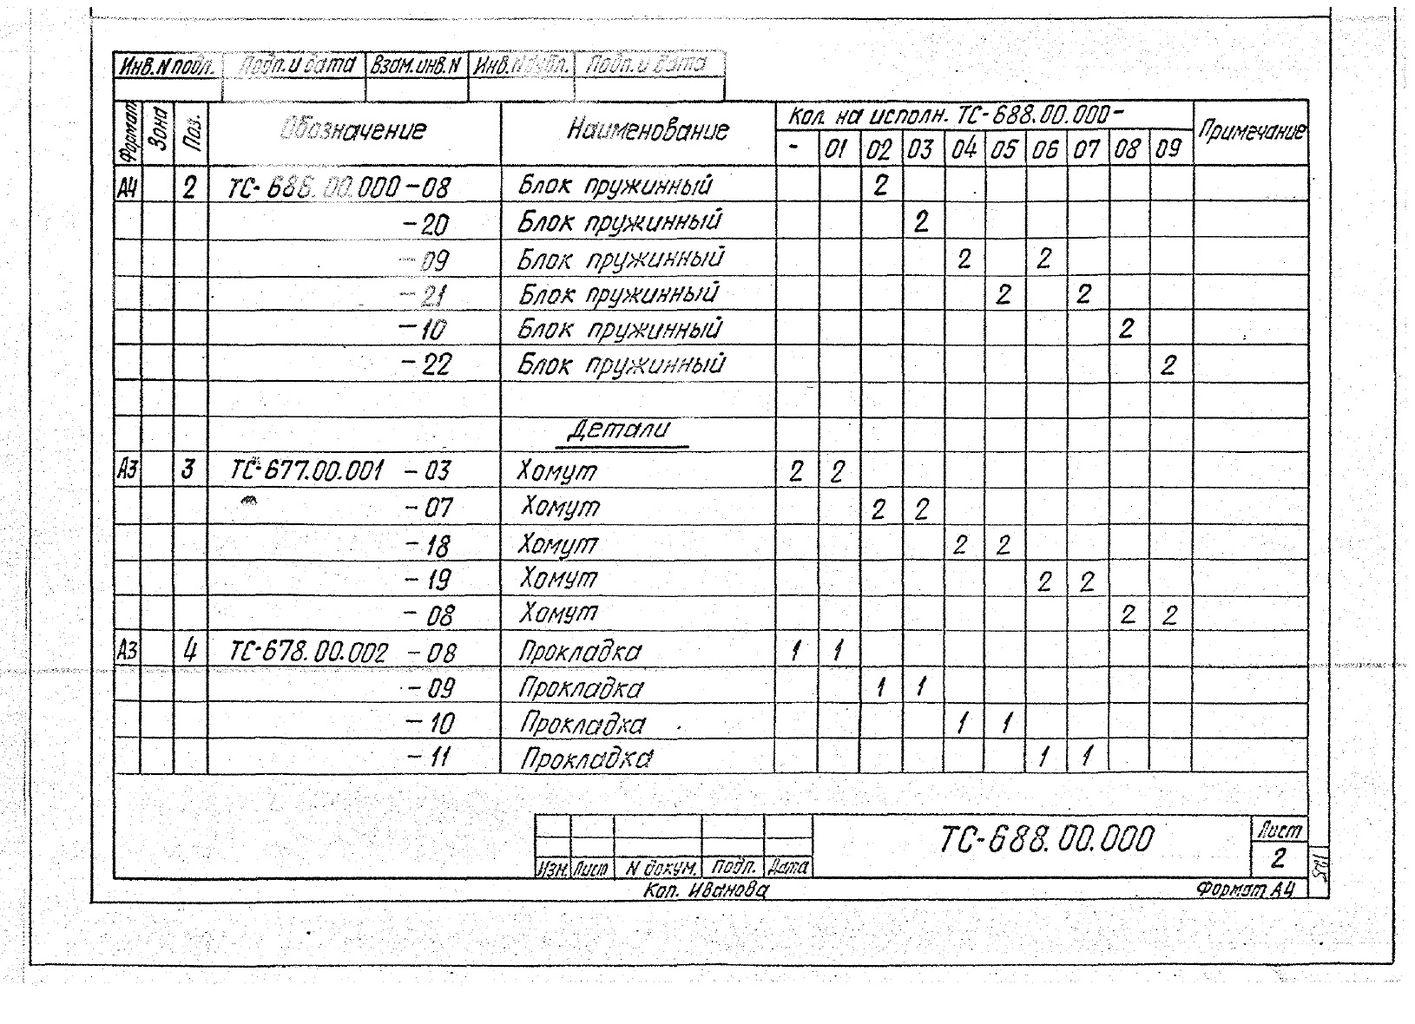 Подвески пружинные для горизонтальных трубопроводов Дн 377-1420 мм ТС-688.00.000 СБ серия 5.903-13 выпуск 6-95 стр.4